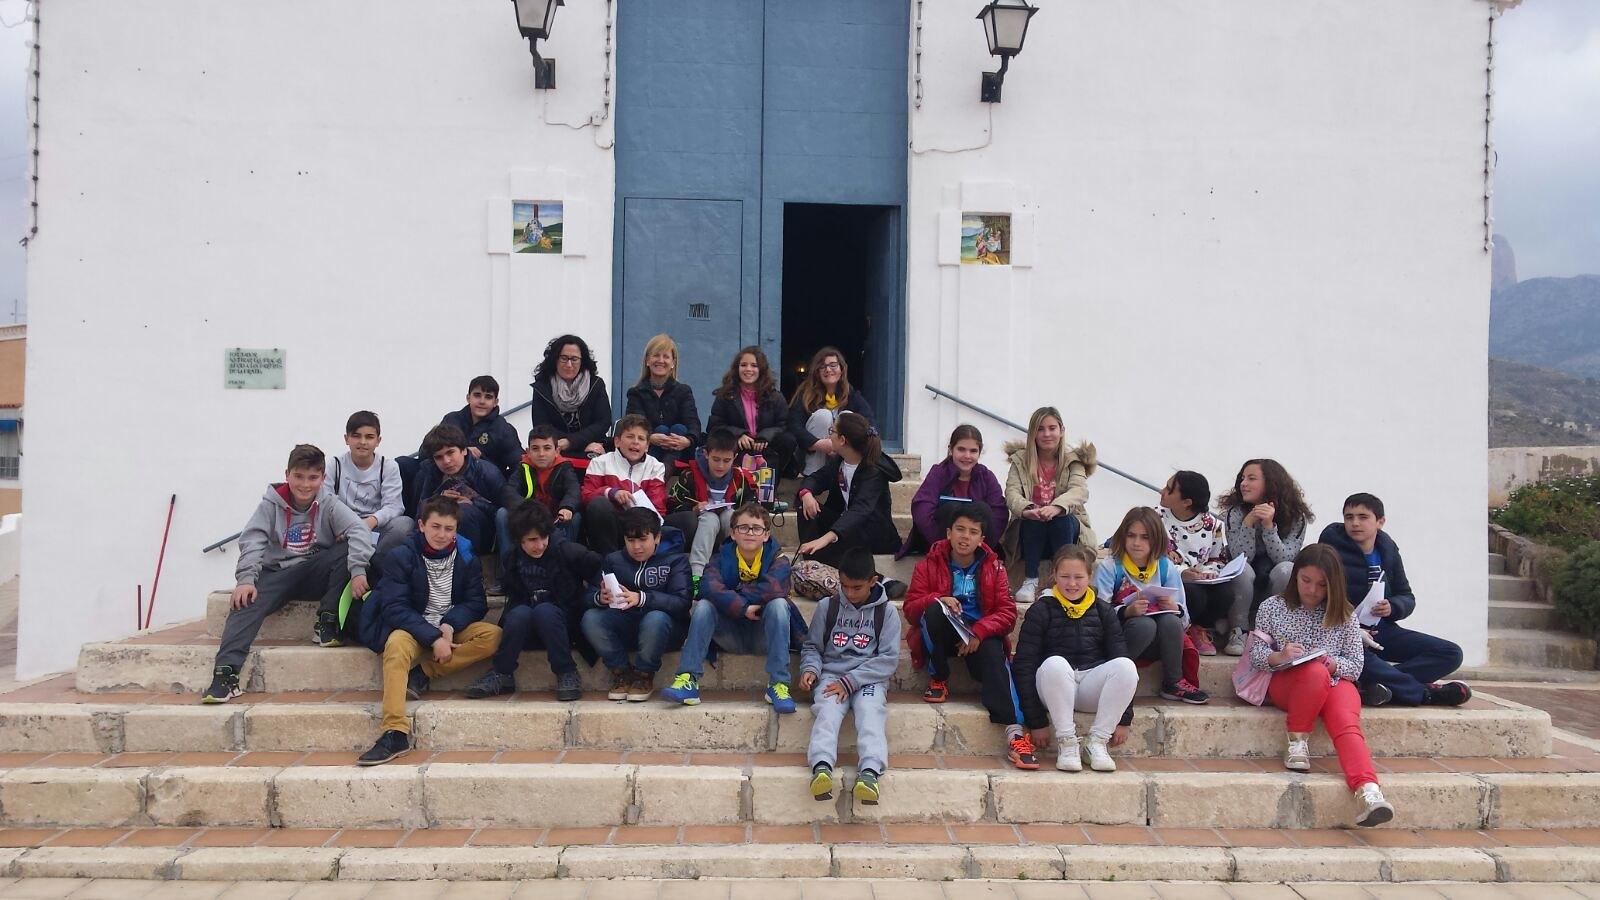 (2016-03-18) - aVisita ermita alumnos Pilar, profesora religión 9´Octubre - María Isabel Berenguer Brotons (02)